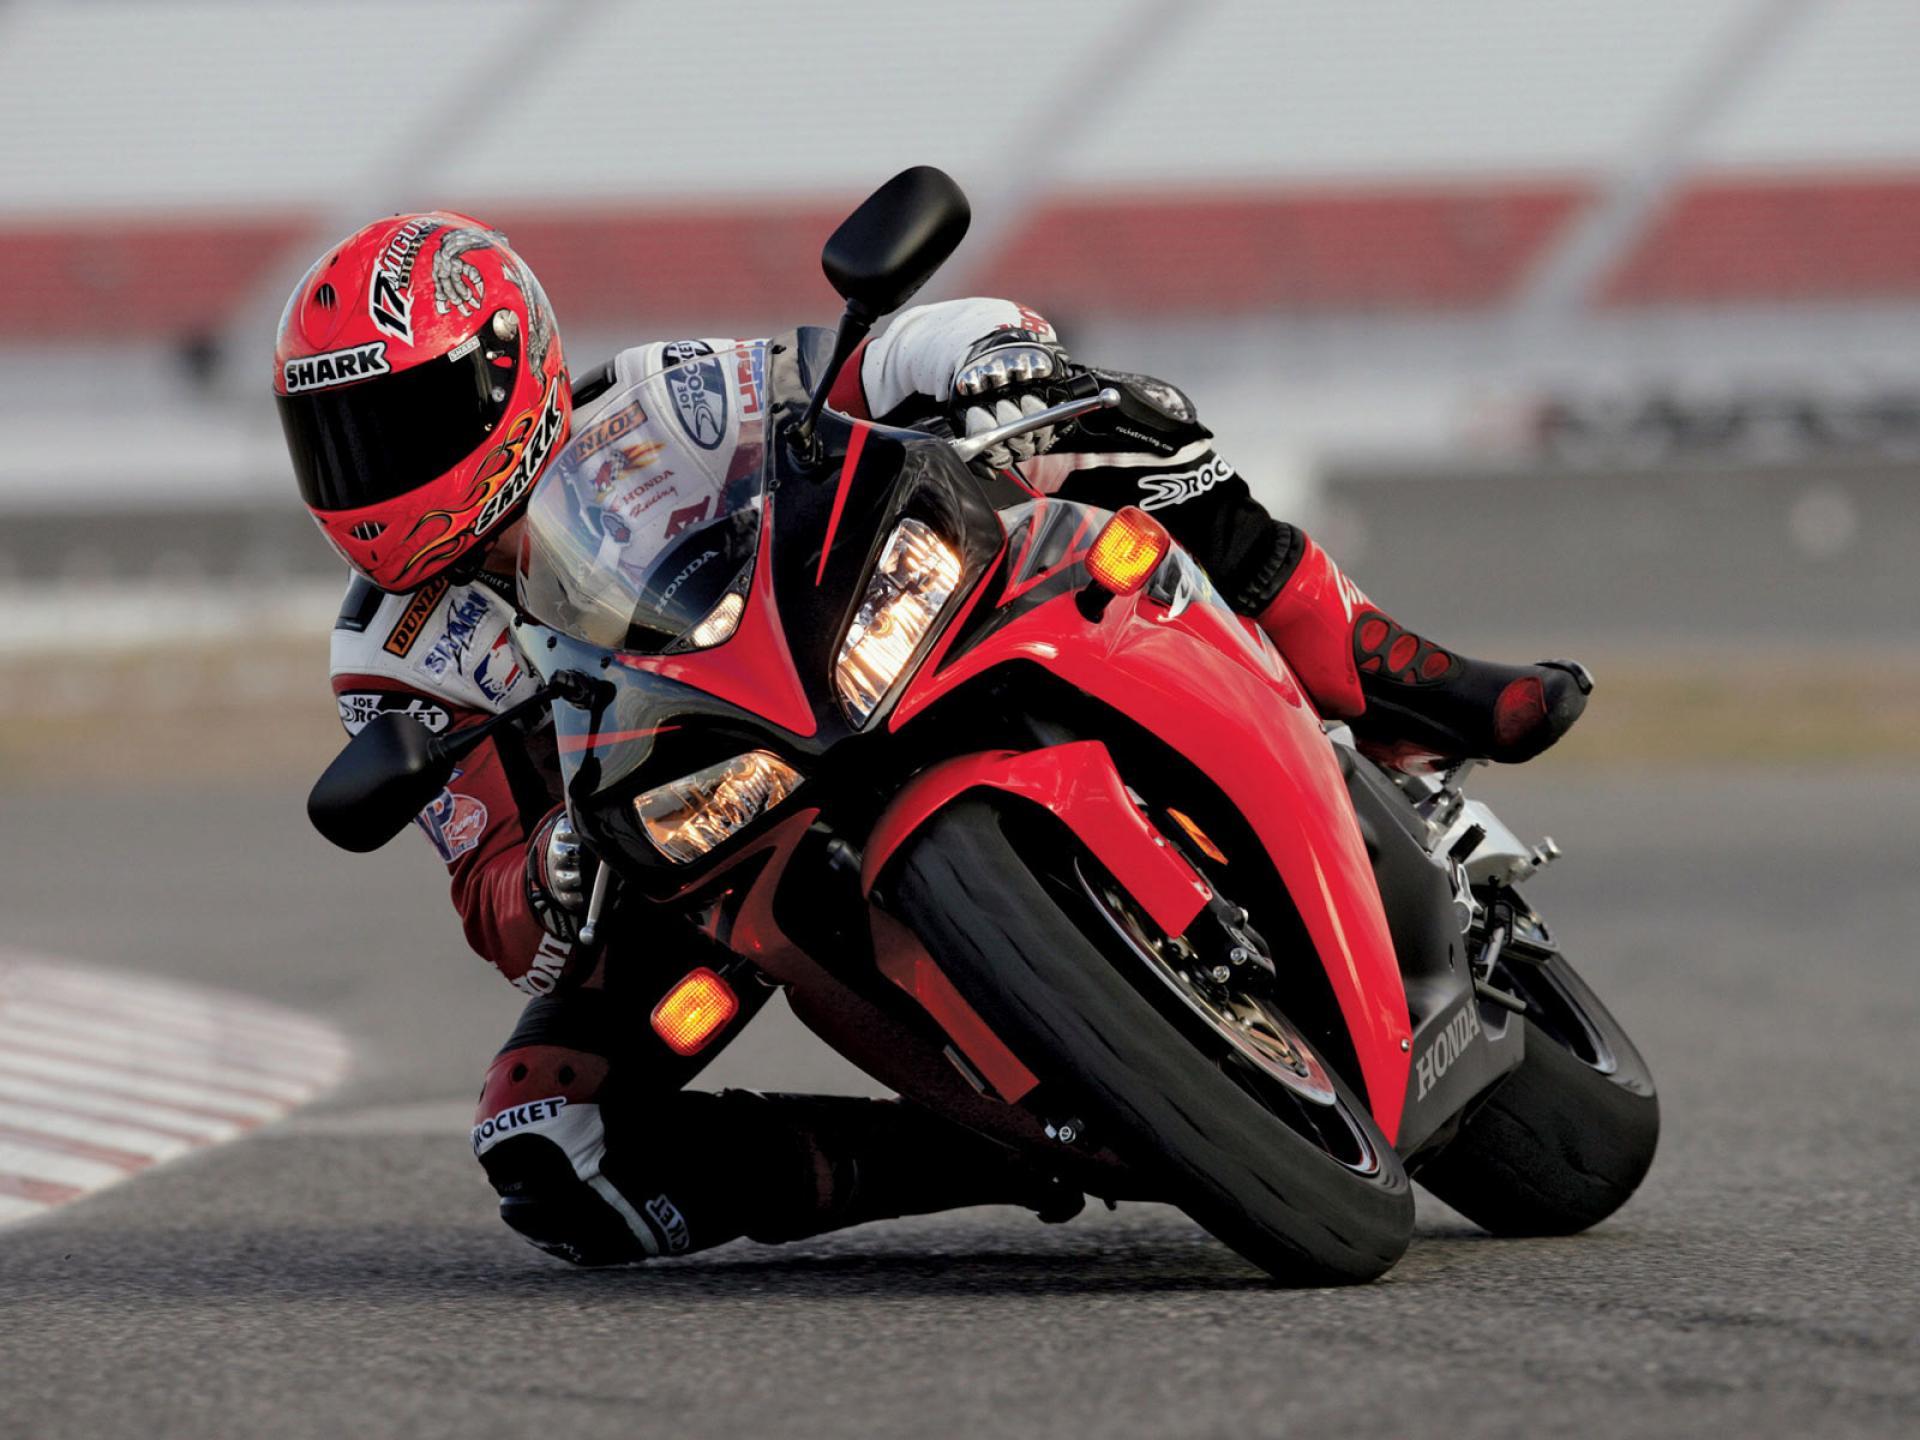 Motorcycle Racing Up Net 233699 Wallpaper wallpaper